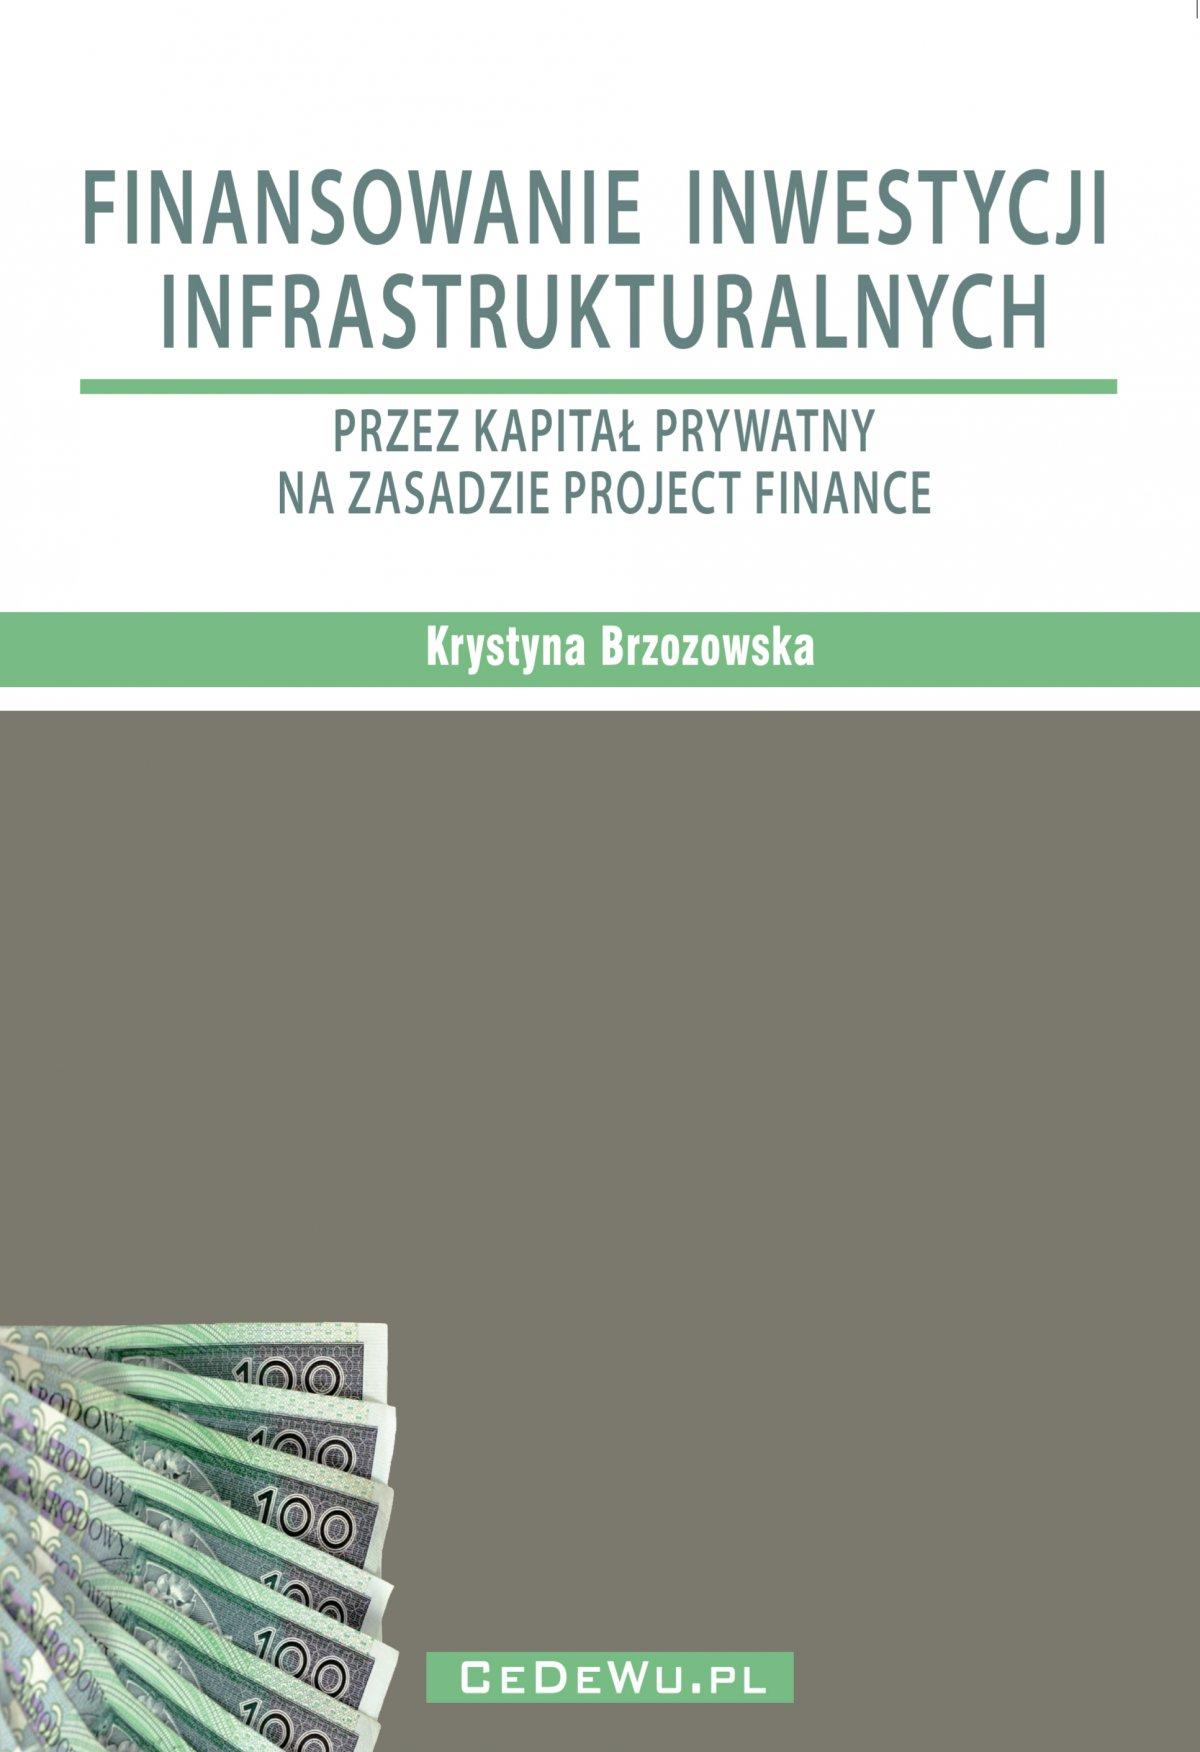 Finansowanie inwestycji infrastrukturalnych przez kapitał prywatny na zasadzie project finance (wyd. II). Rozdział 2. PROJECT FINANCE W INWESTYCJACH INFRASTRUKTURALNYCH - Ebook (Książka PDF) do pobrania w formacie PDF